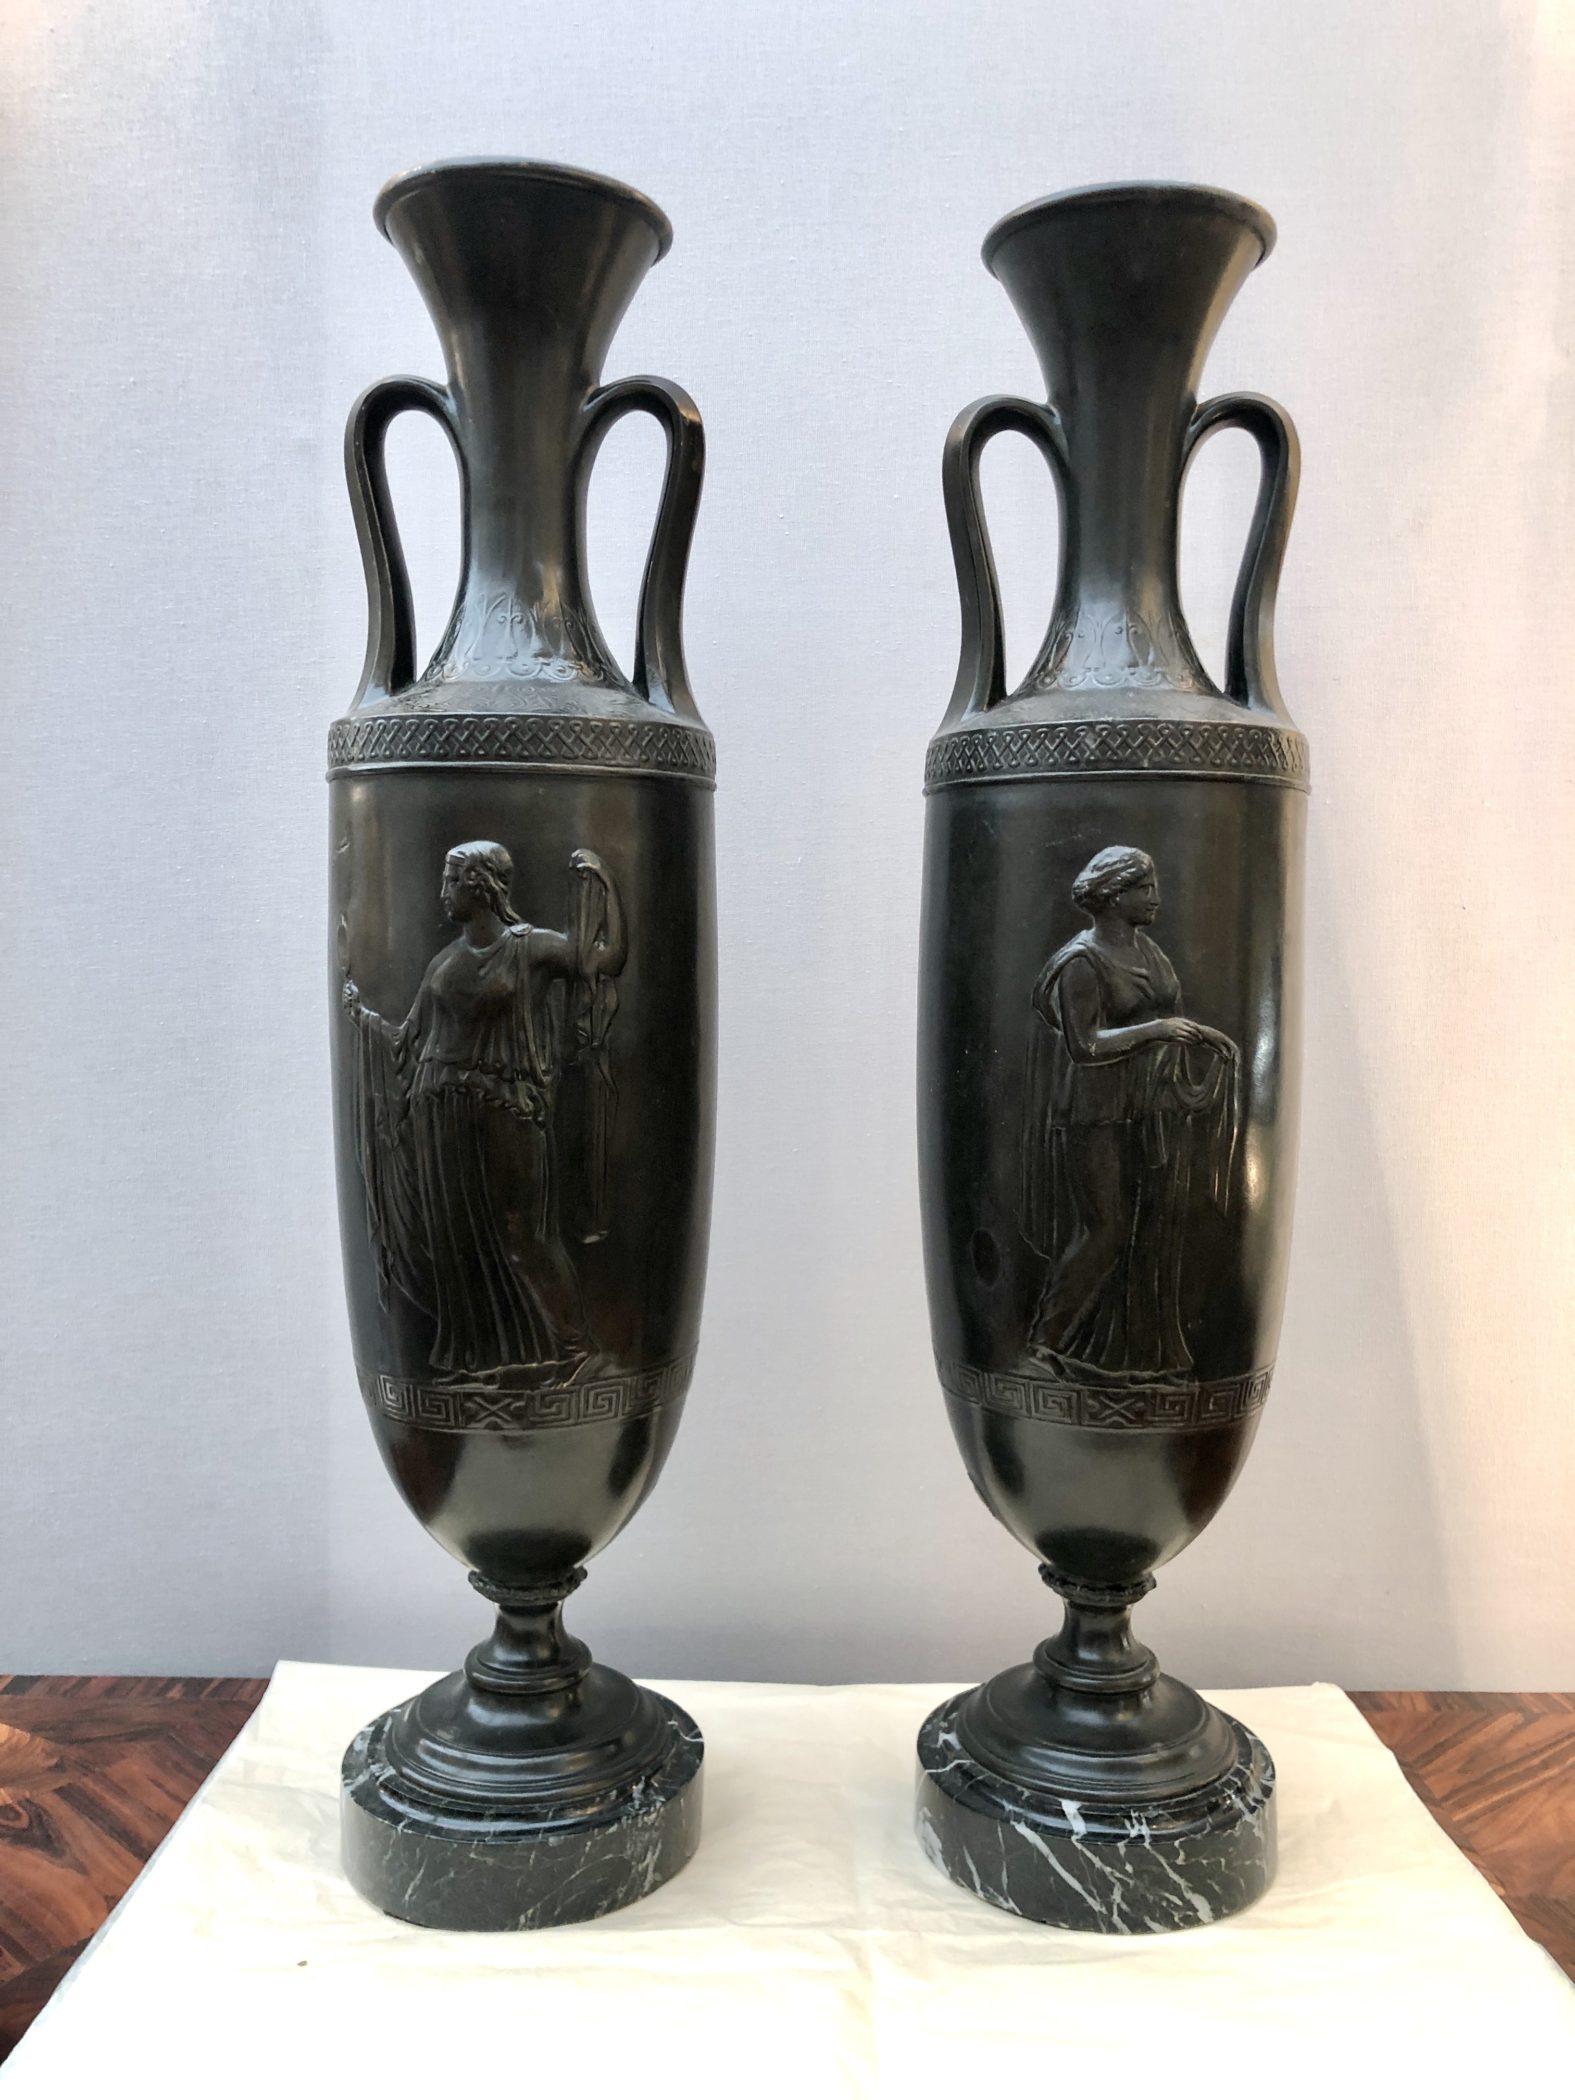 Paire de vases néoclassiques en bronze. France, XIXe siècle